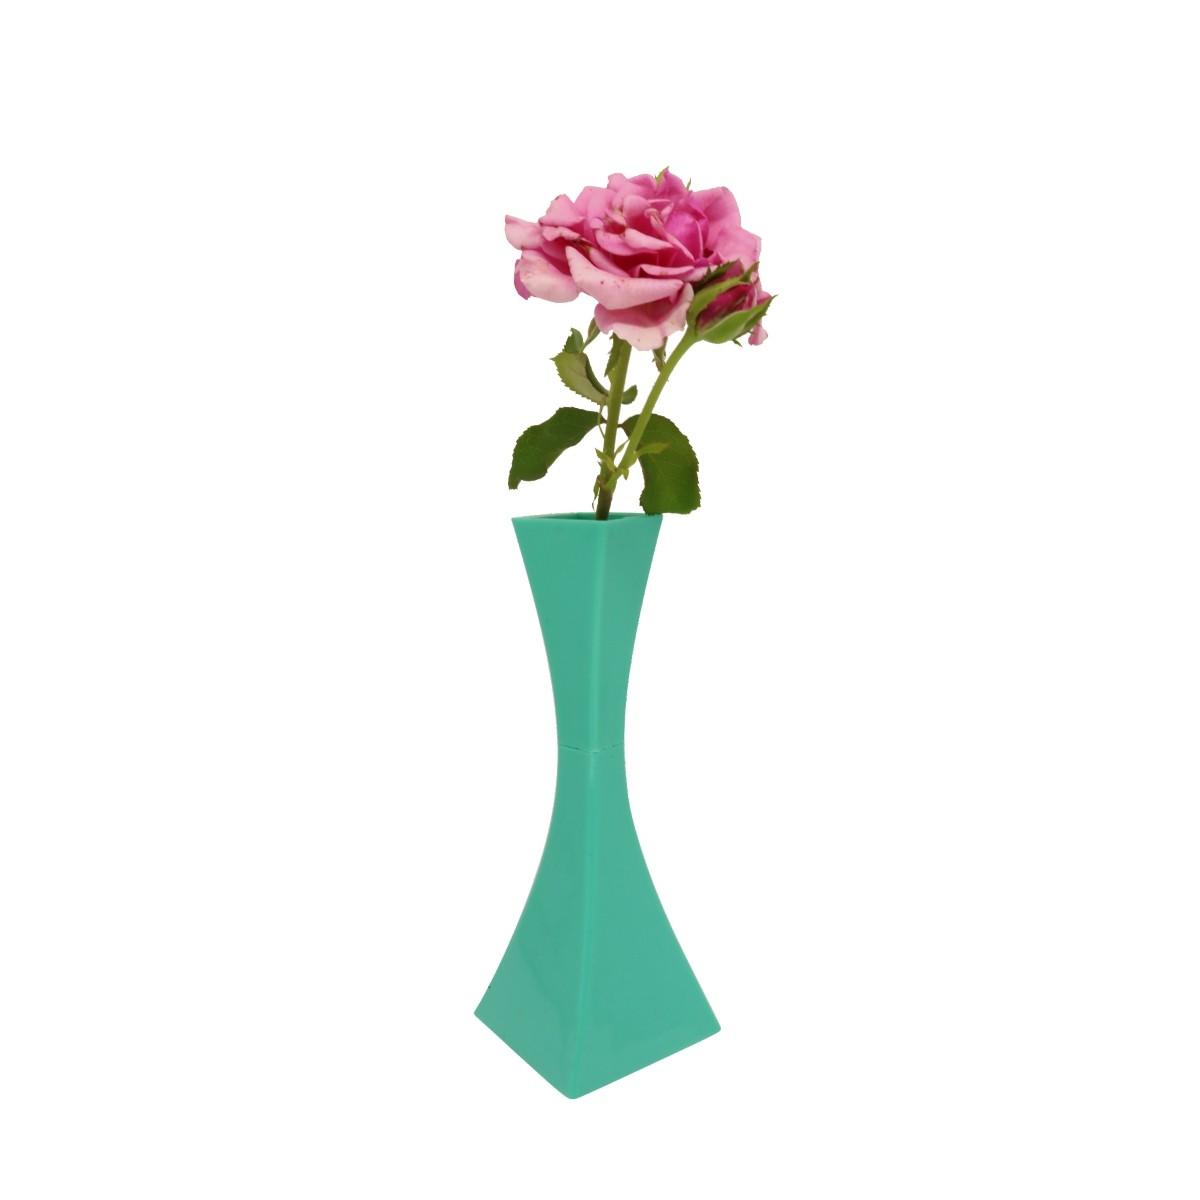 Vaso Solitário Verde 19,5cm x 4cm